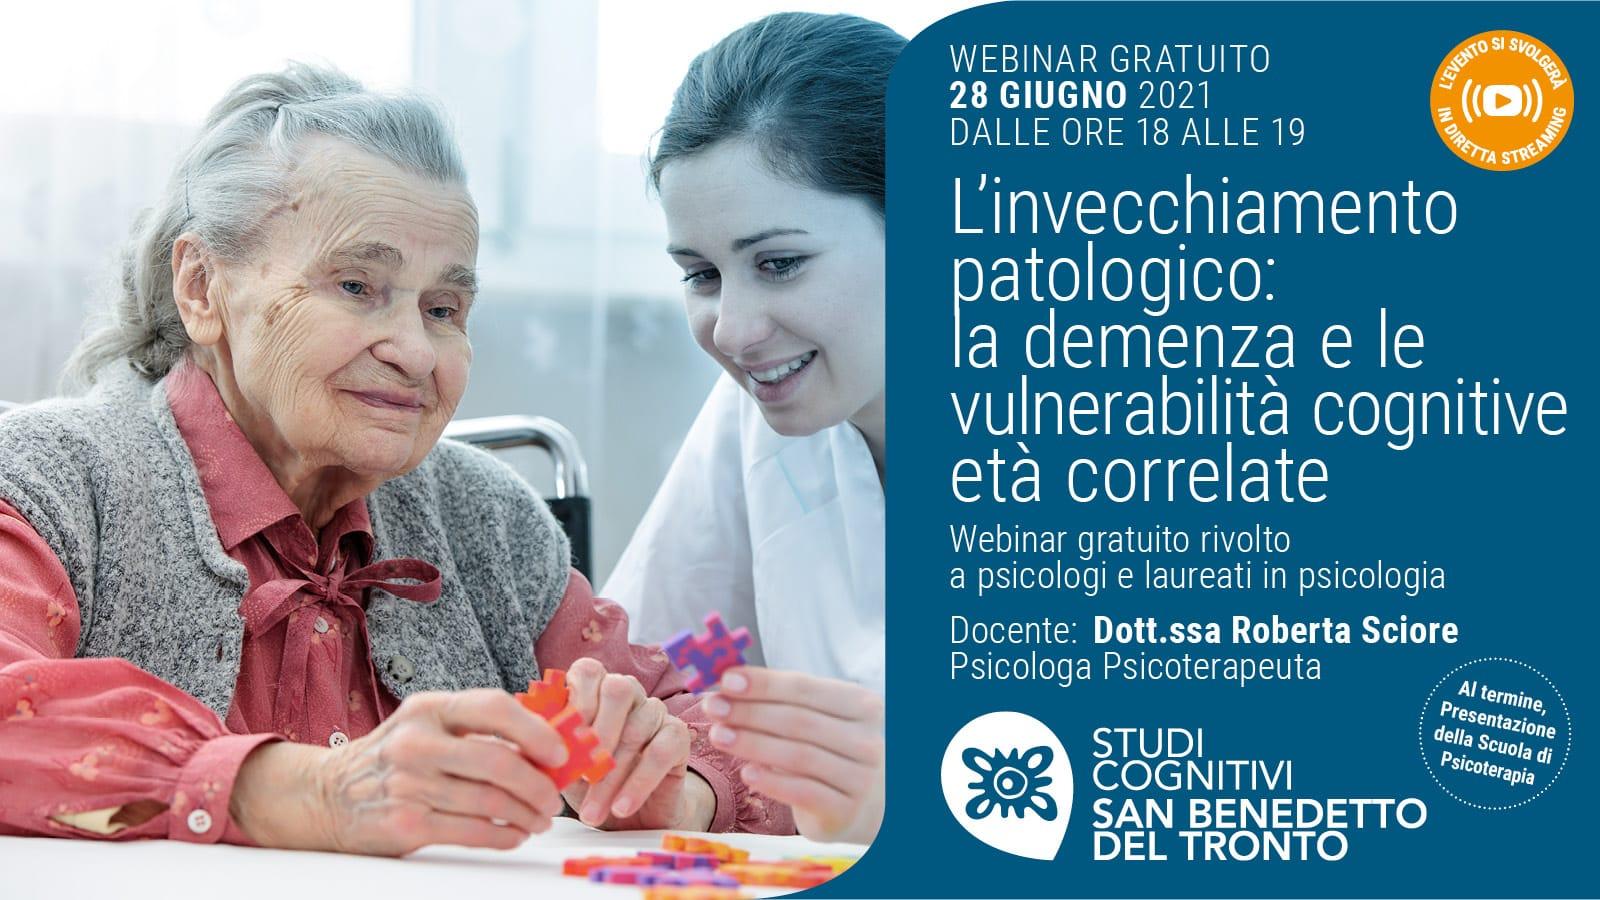 SAN BENEDETTO - 210628 - Invecchiamento patologico - Banner